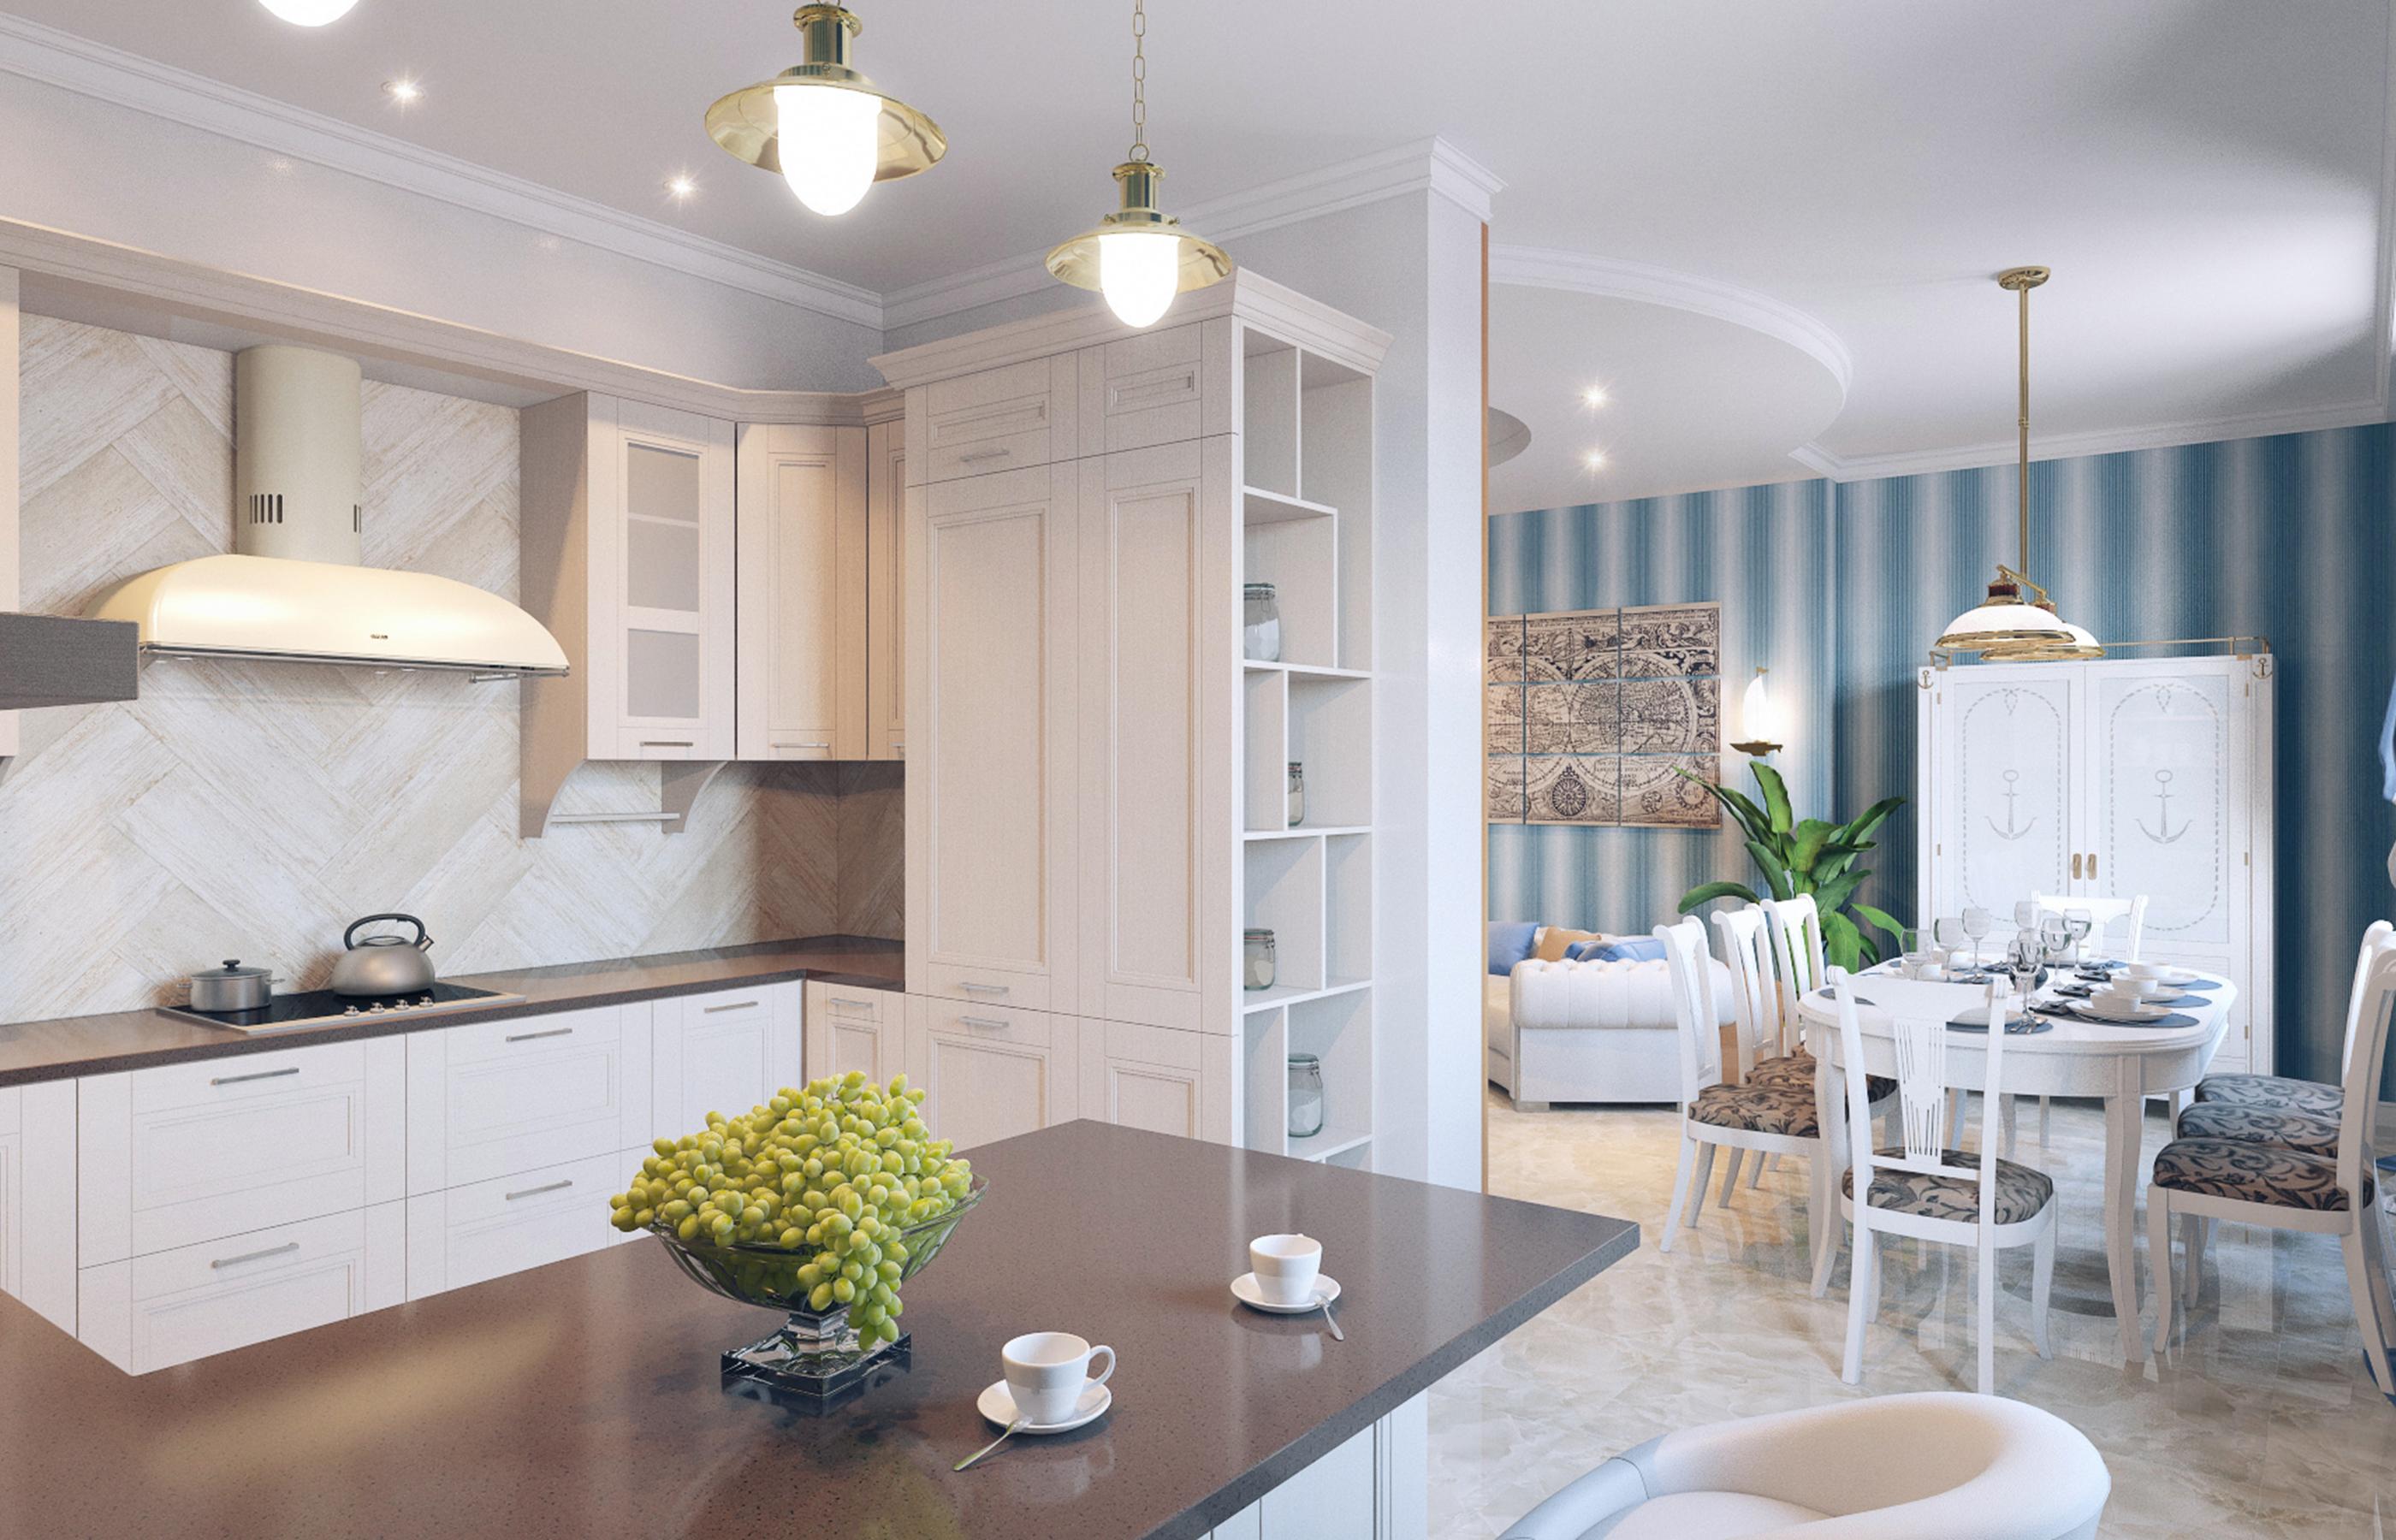 Кухню и столовую освещаем светильниками в корабельном стиле